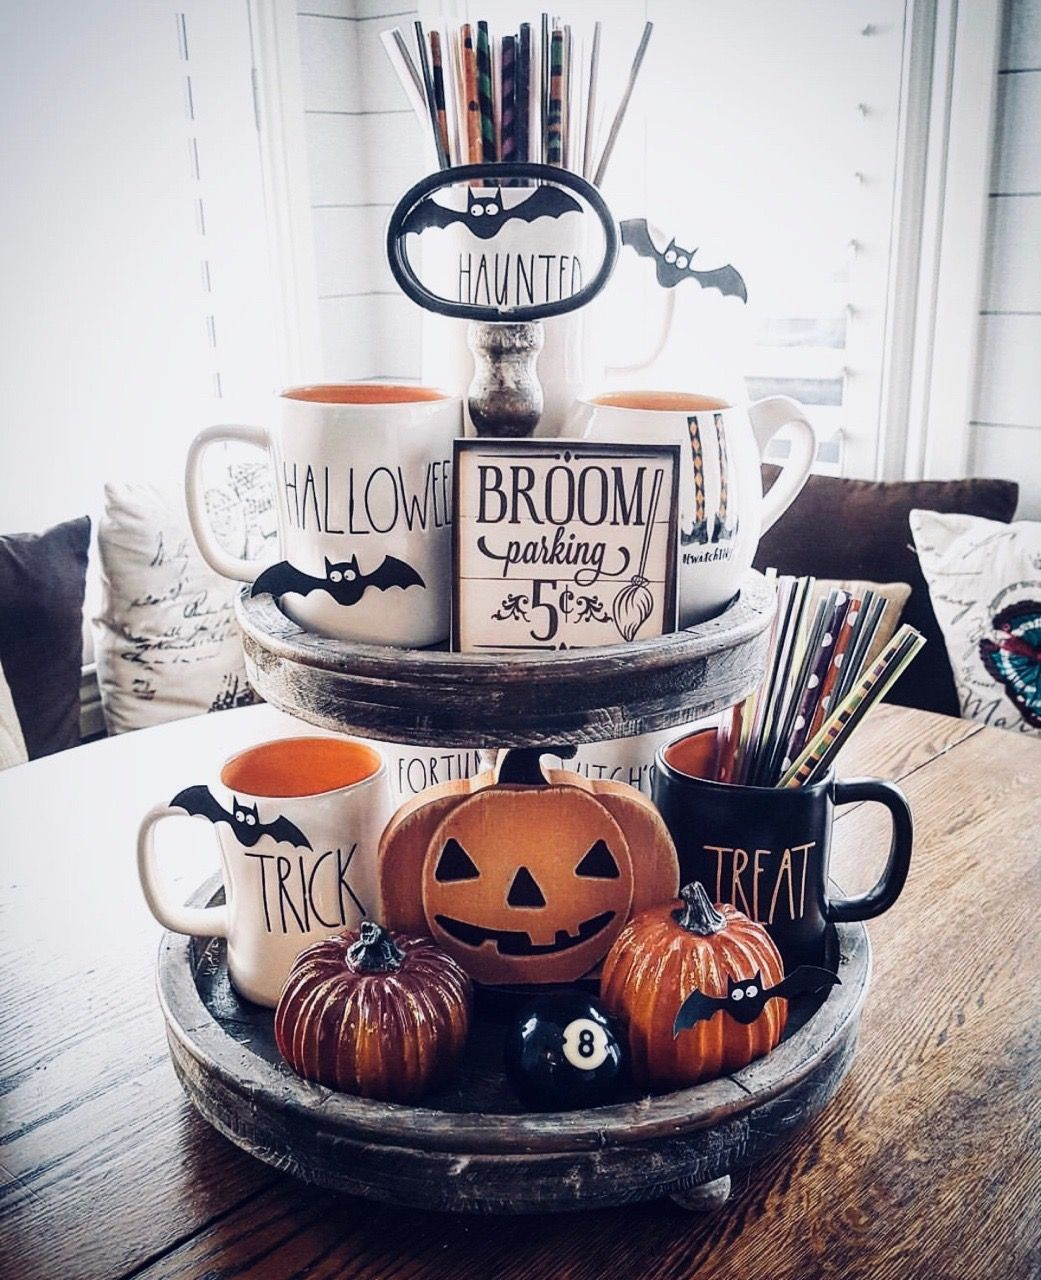 Pinterest A Breezyy Spooky Halloween Decorations Halloween House Fall Halloween Decor